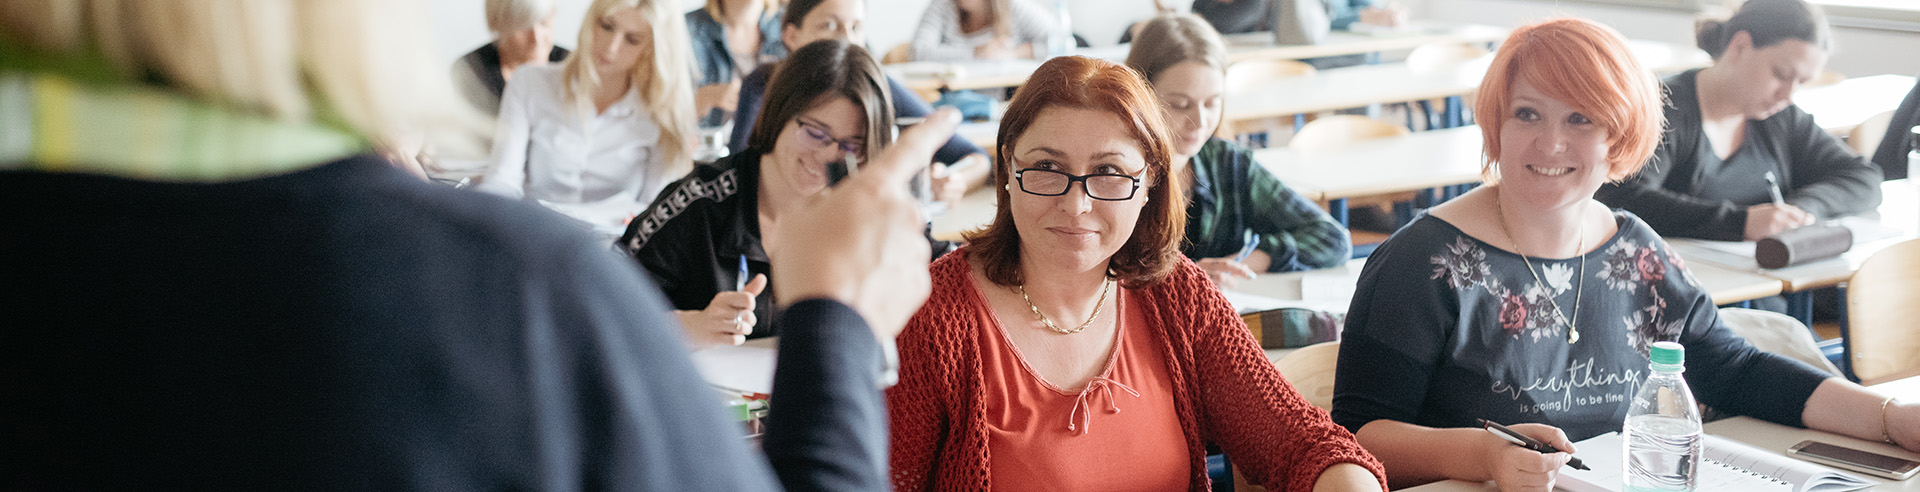 Študenti Vodenja in kakovosti v izobraževanju